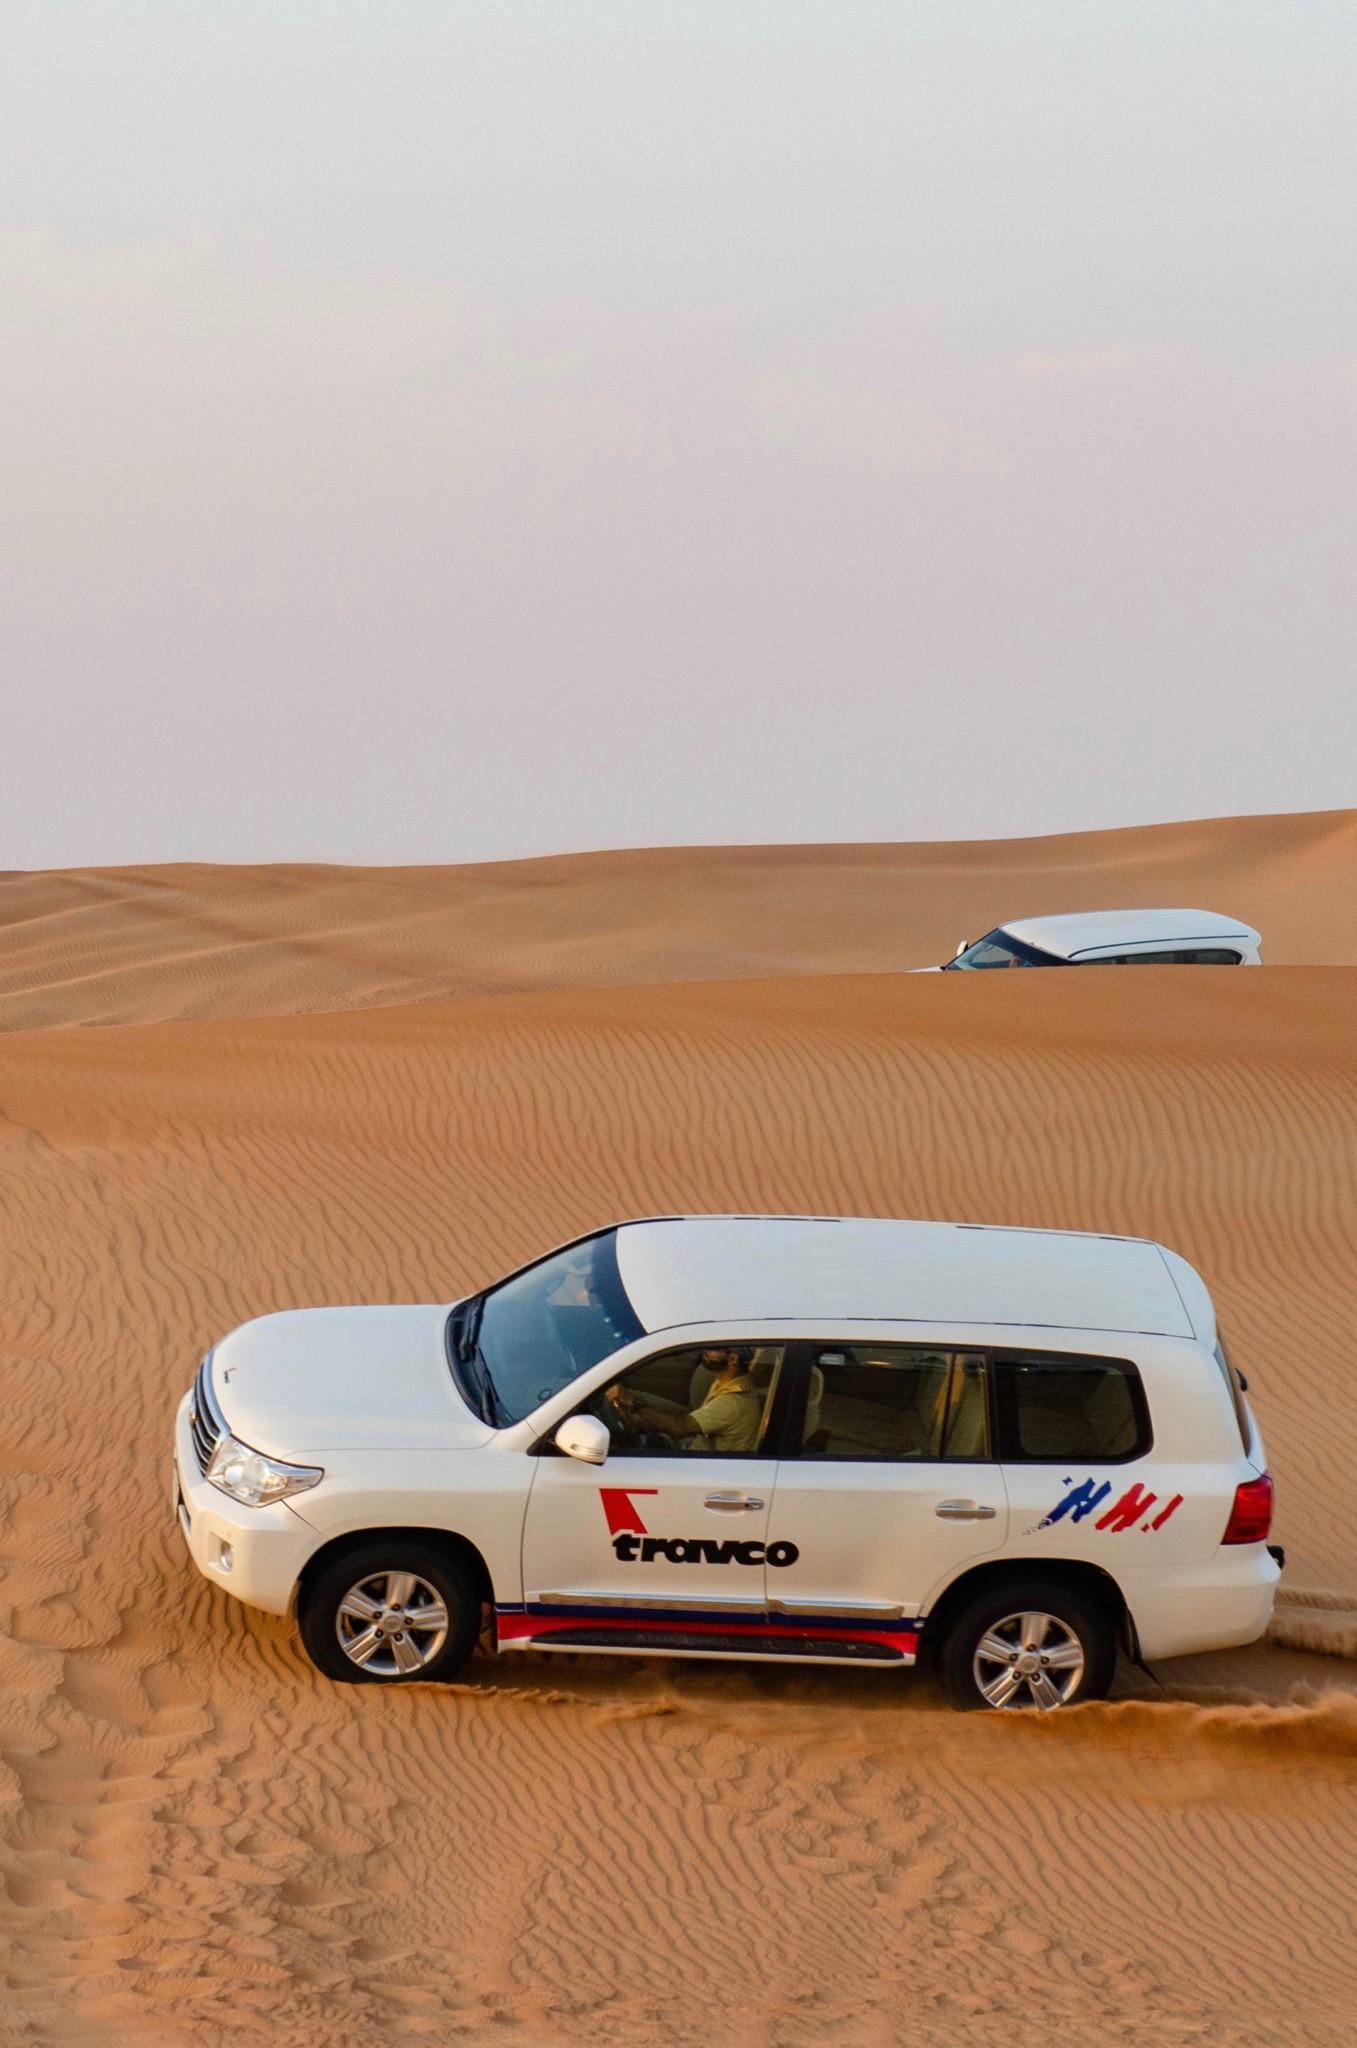 Eine Wüstentour in Dubai mit dem Jeep ist ein echtes Highlight